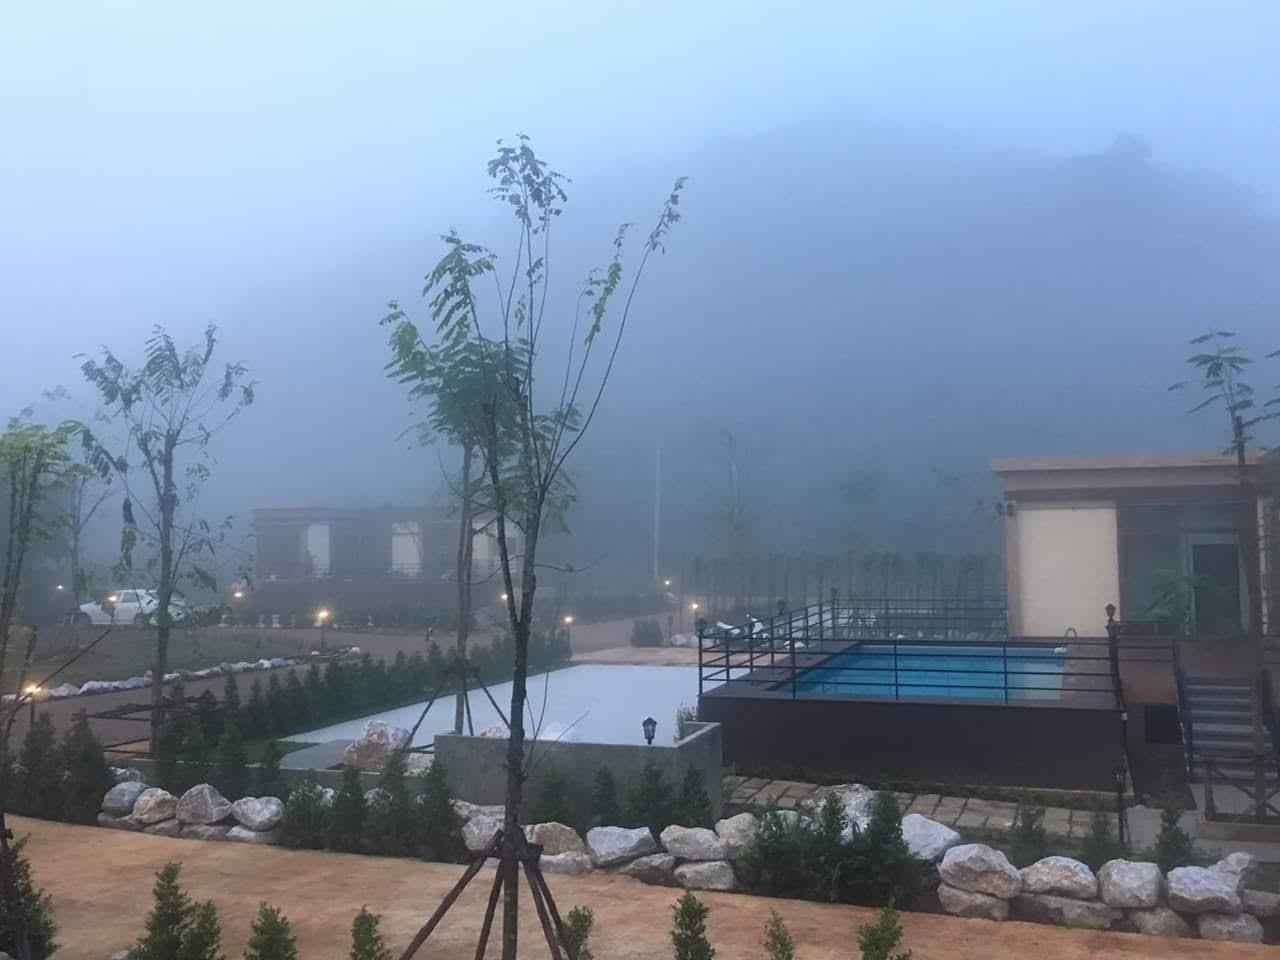 Modern Japan Private Pool Villa  Khao Yai (2 BRs) วิลลา 2 ห้องนอน 2 ห้องน้ำส่วนตัว ขนาด 600 ตร.ม. – อุทยานแห่งชาติเขาใหญ่